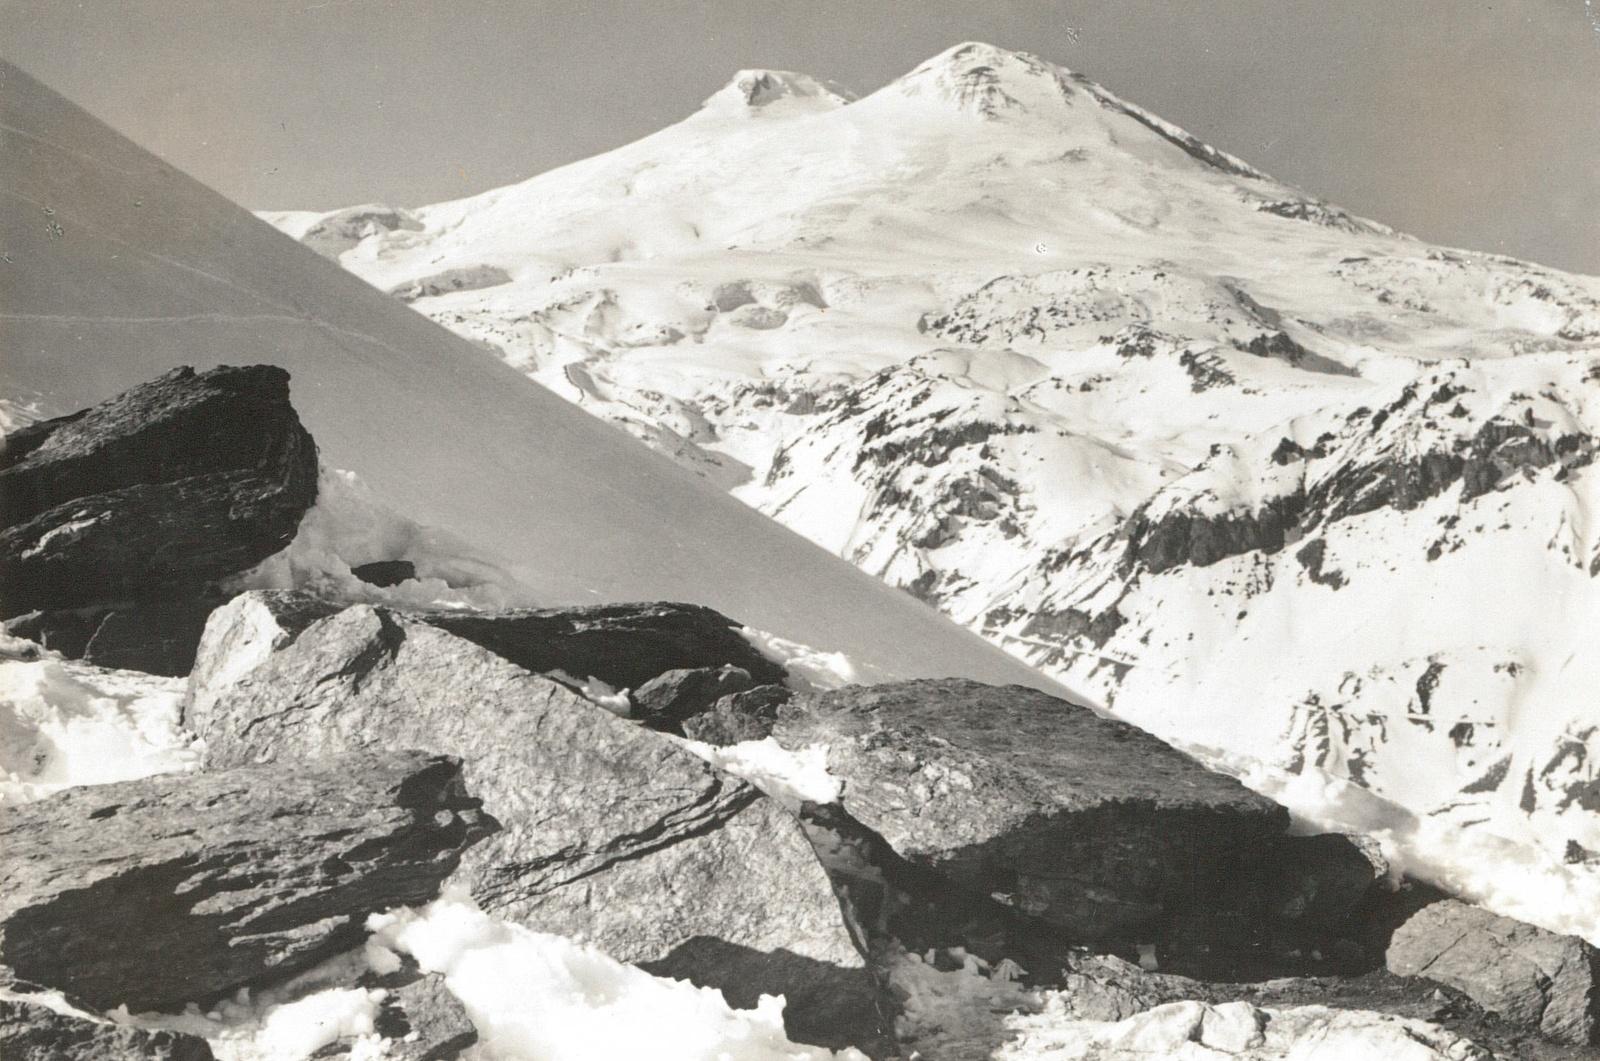 Центральный Кавказ. Двойной пик Эльбруса (5633 и 5621 м) от центральной станции на юго-востоке Чегета